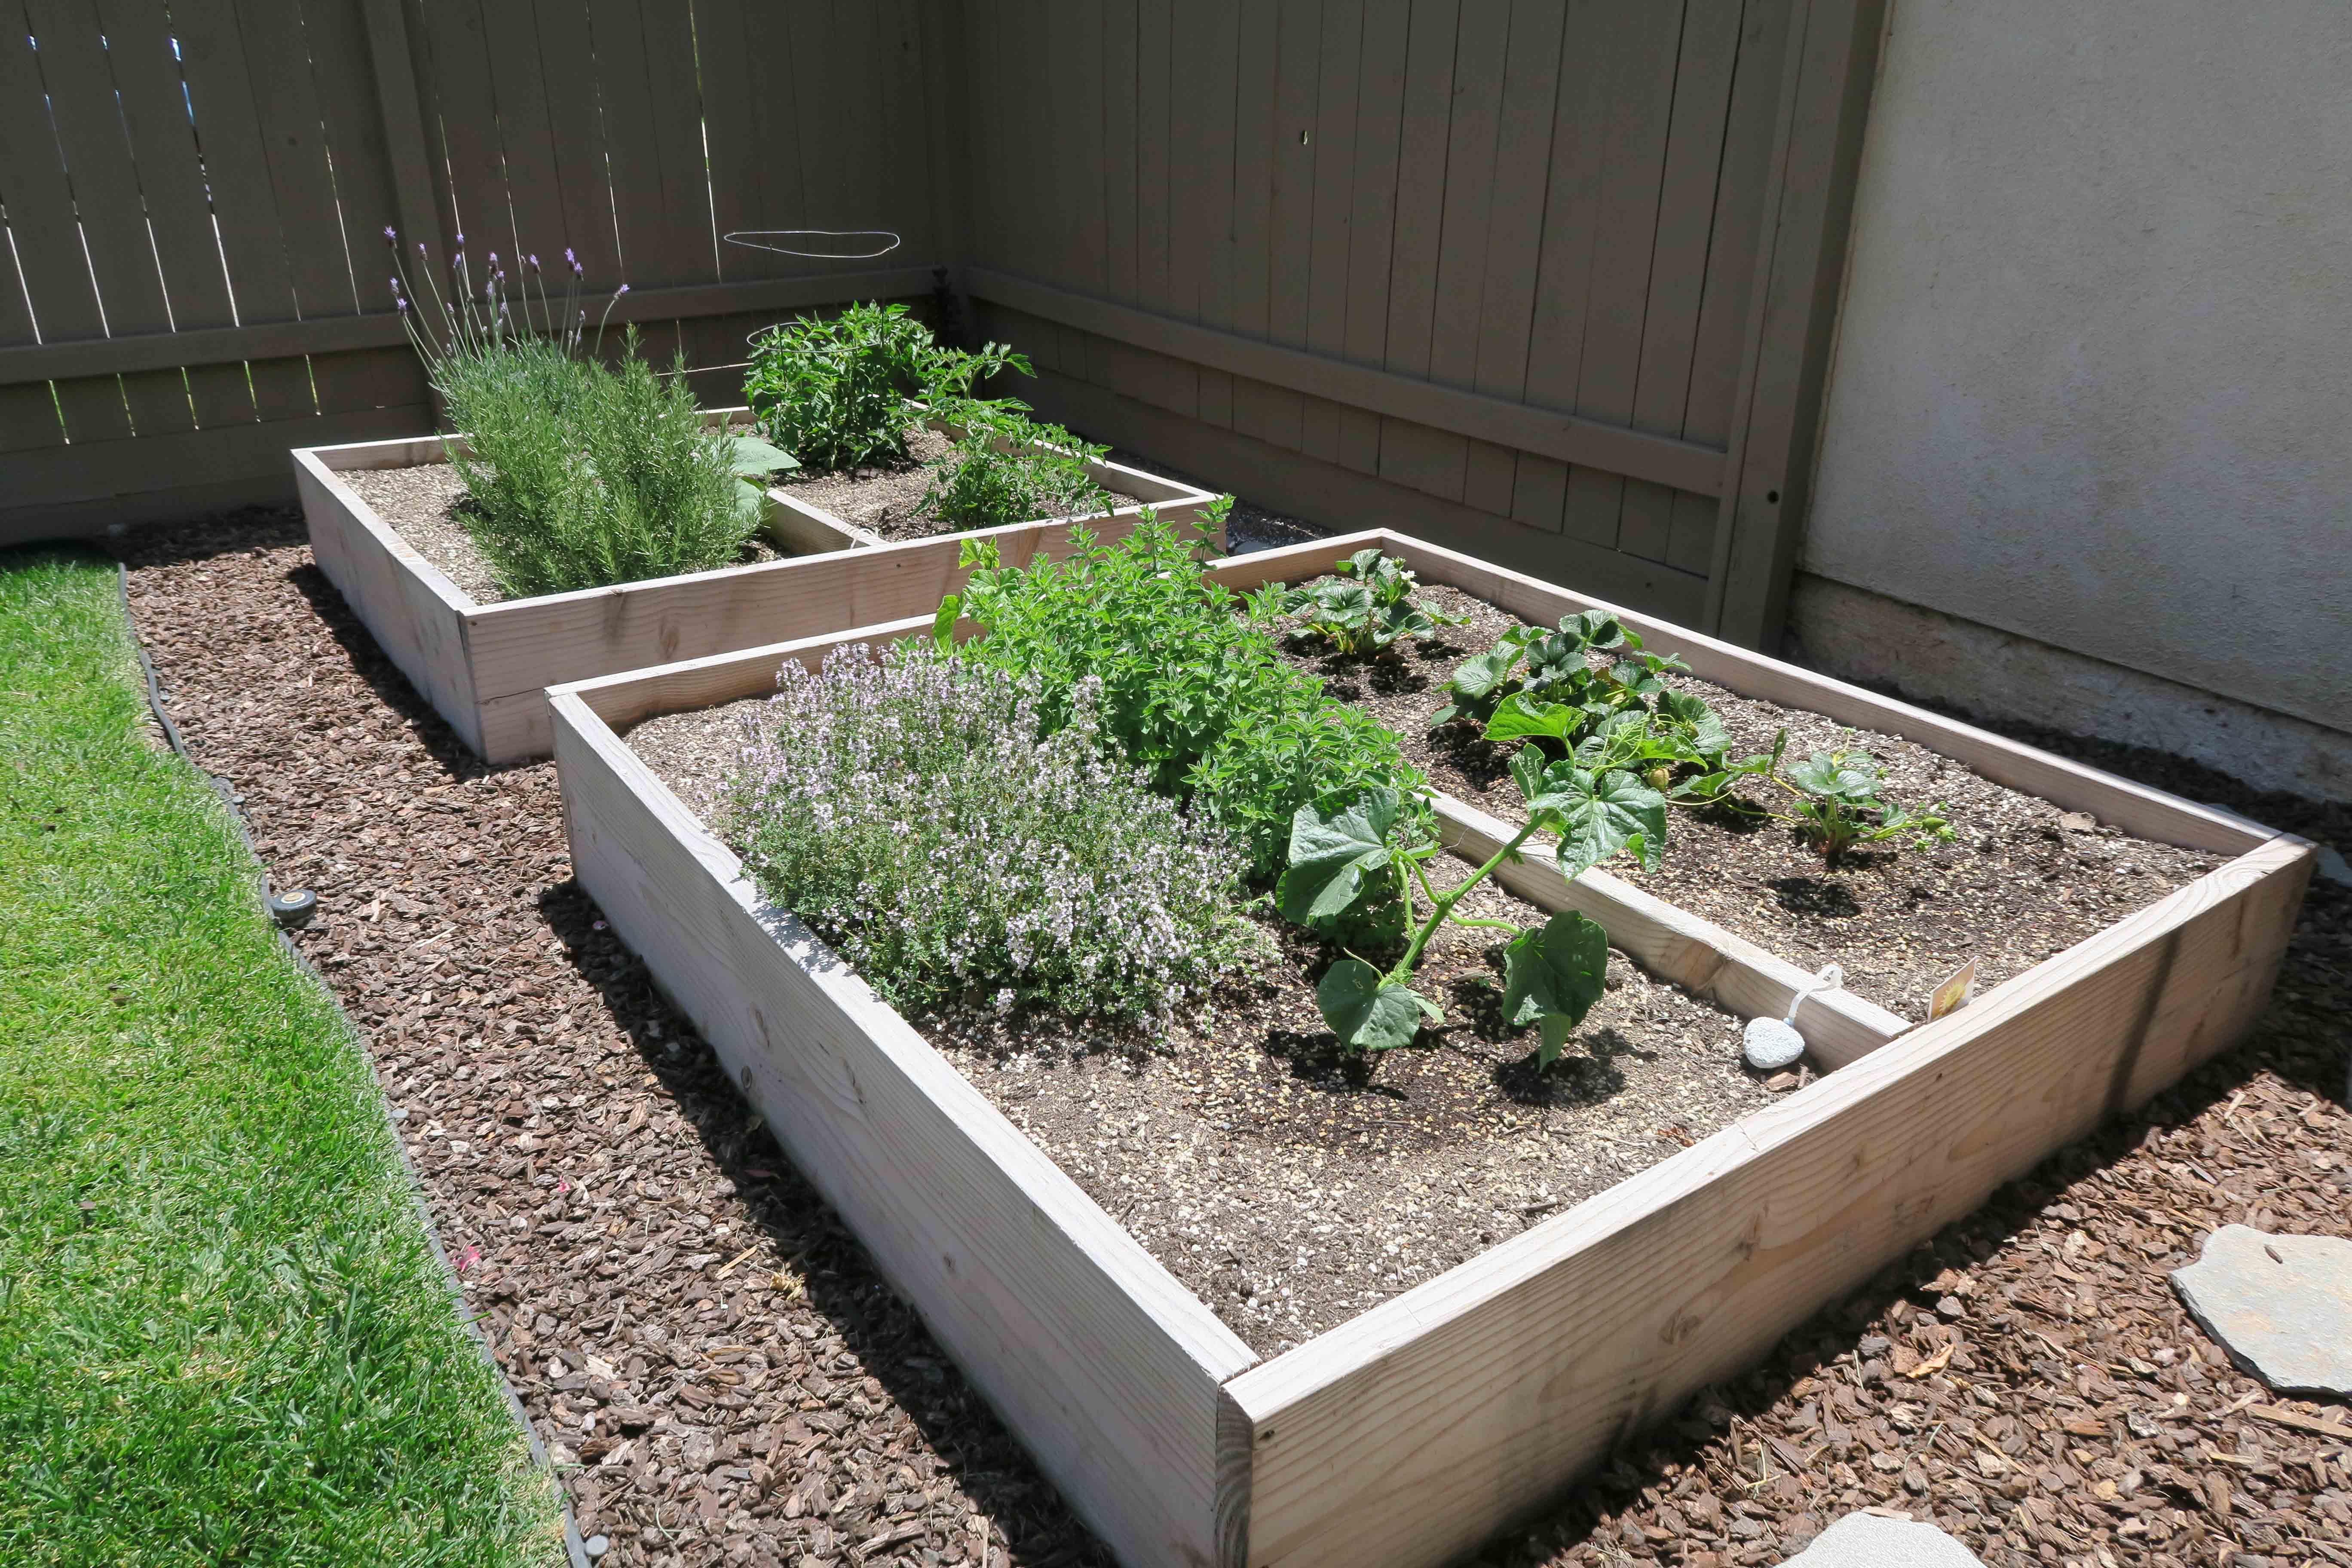 1841 Adelaide Ct, Oxnard CA 93035 Garden Beds